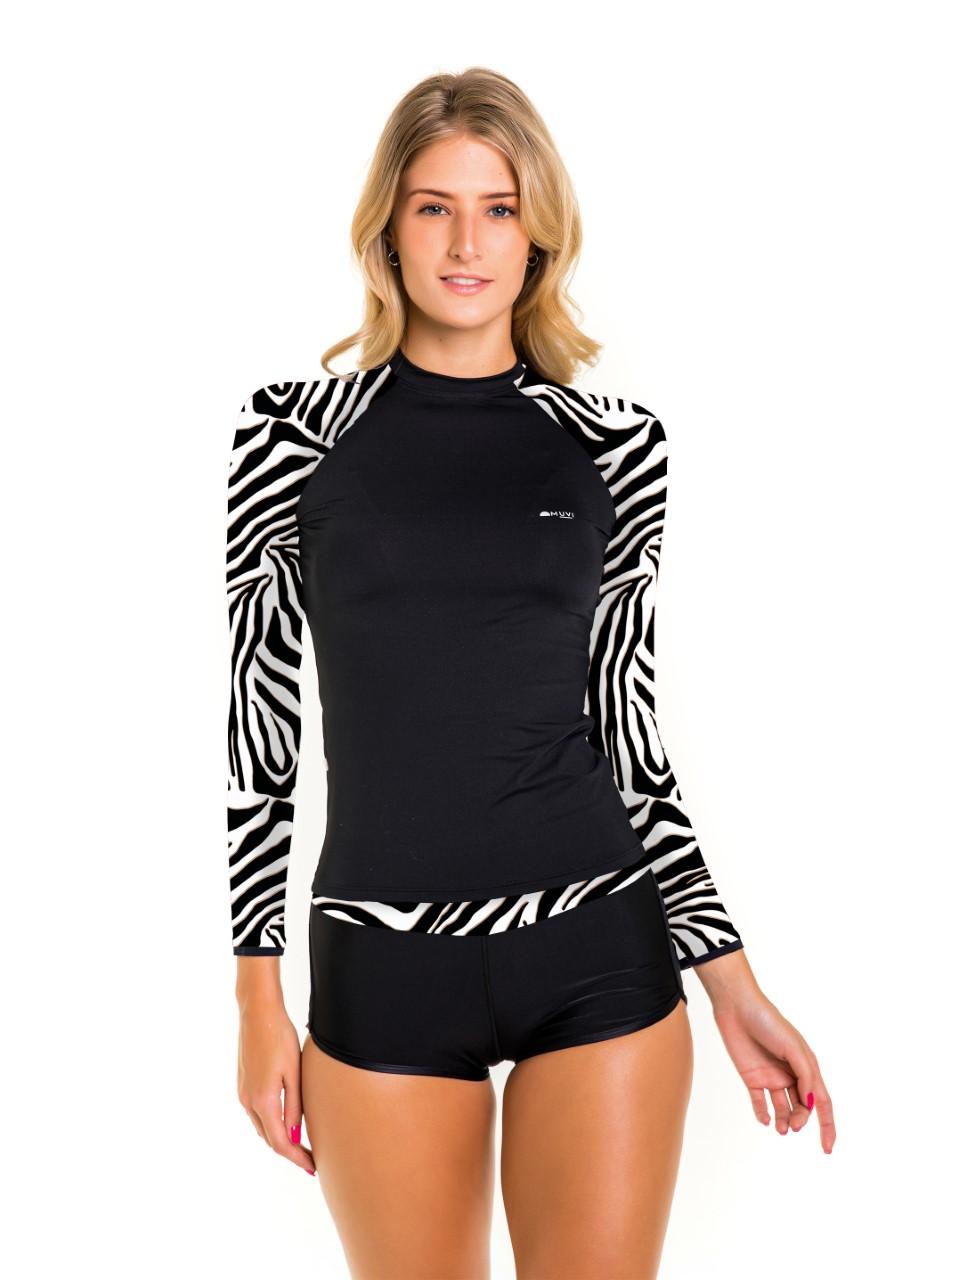 Conjunto Uv camisa e biquíni com proteção solar UV50+  Exotic Premium